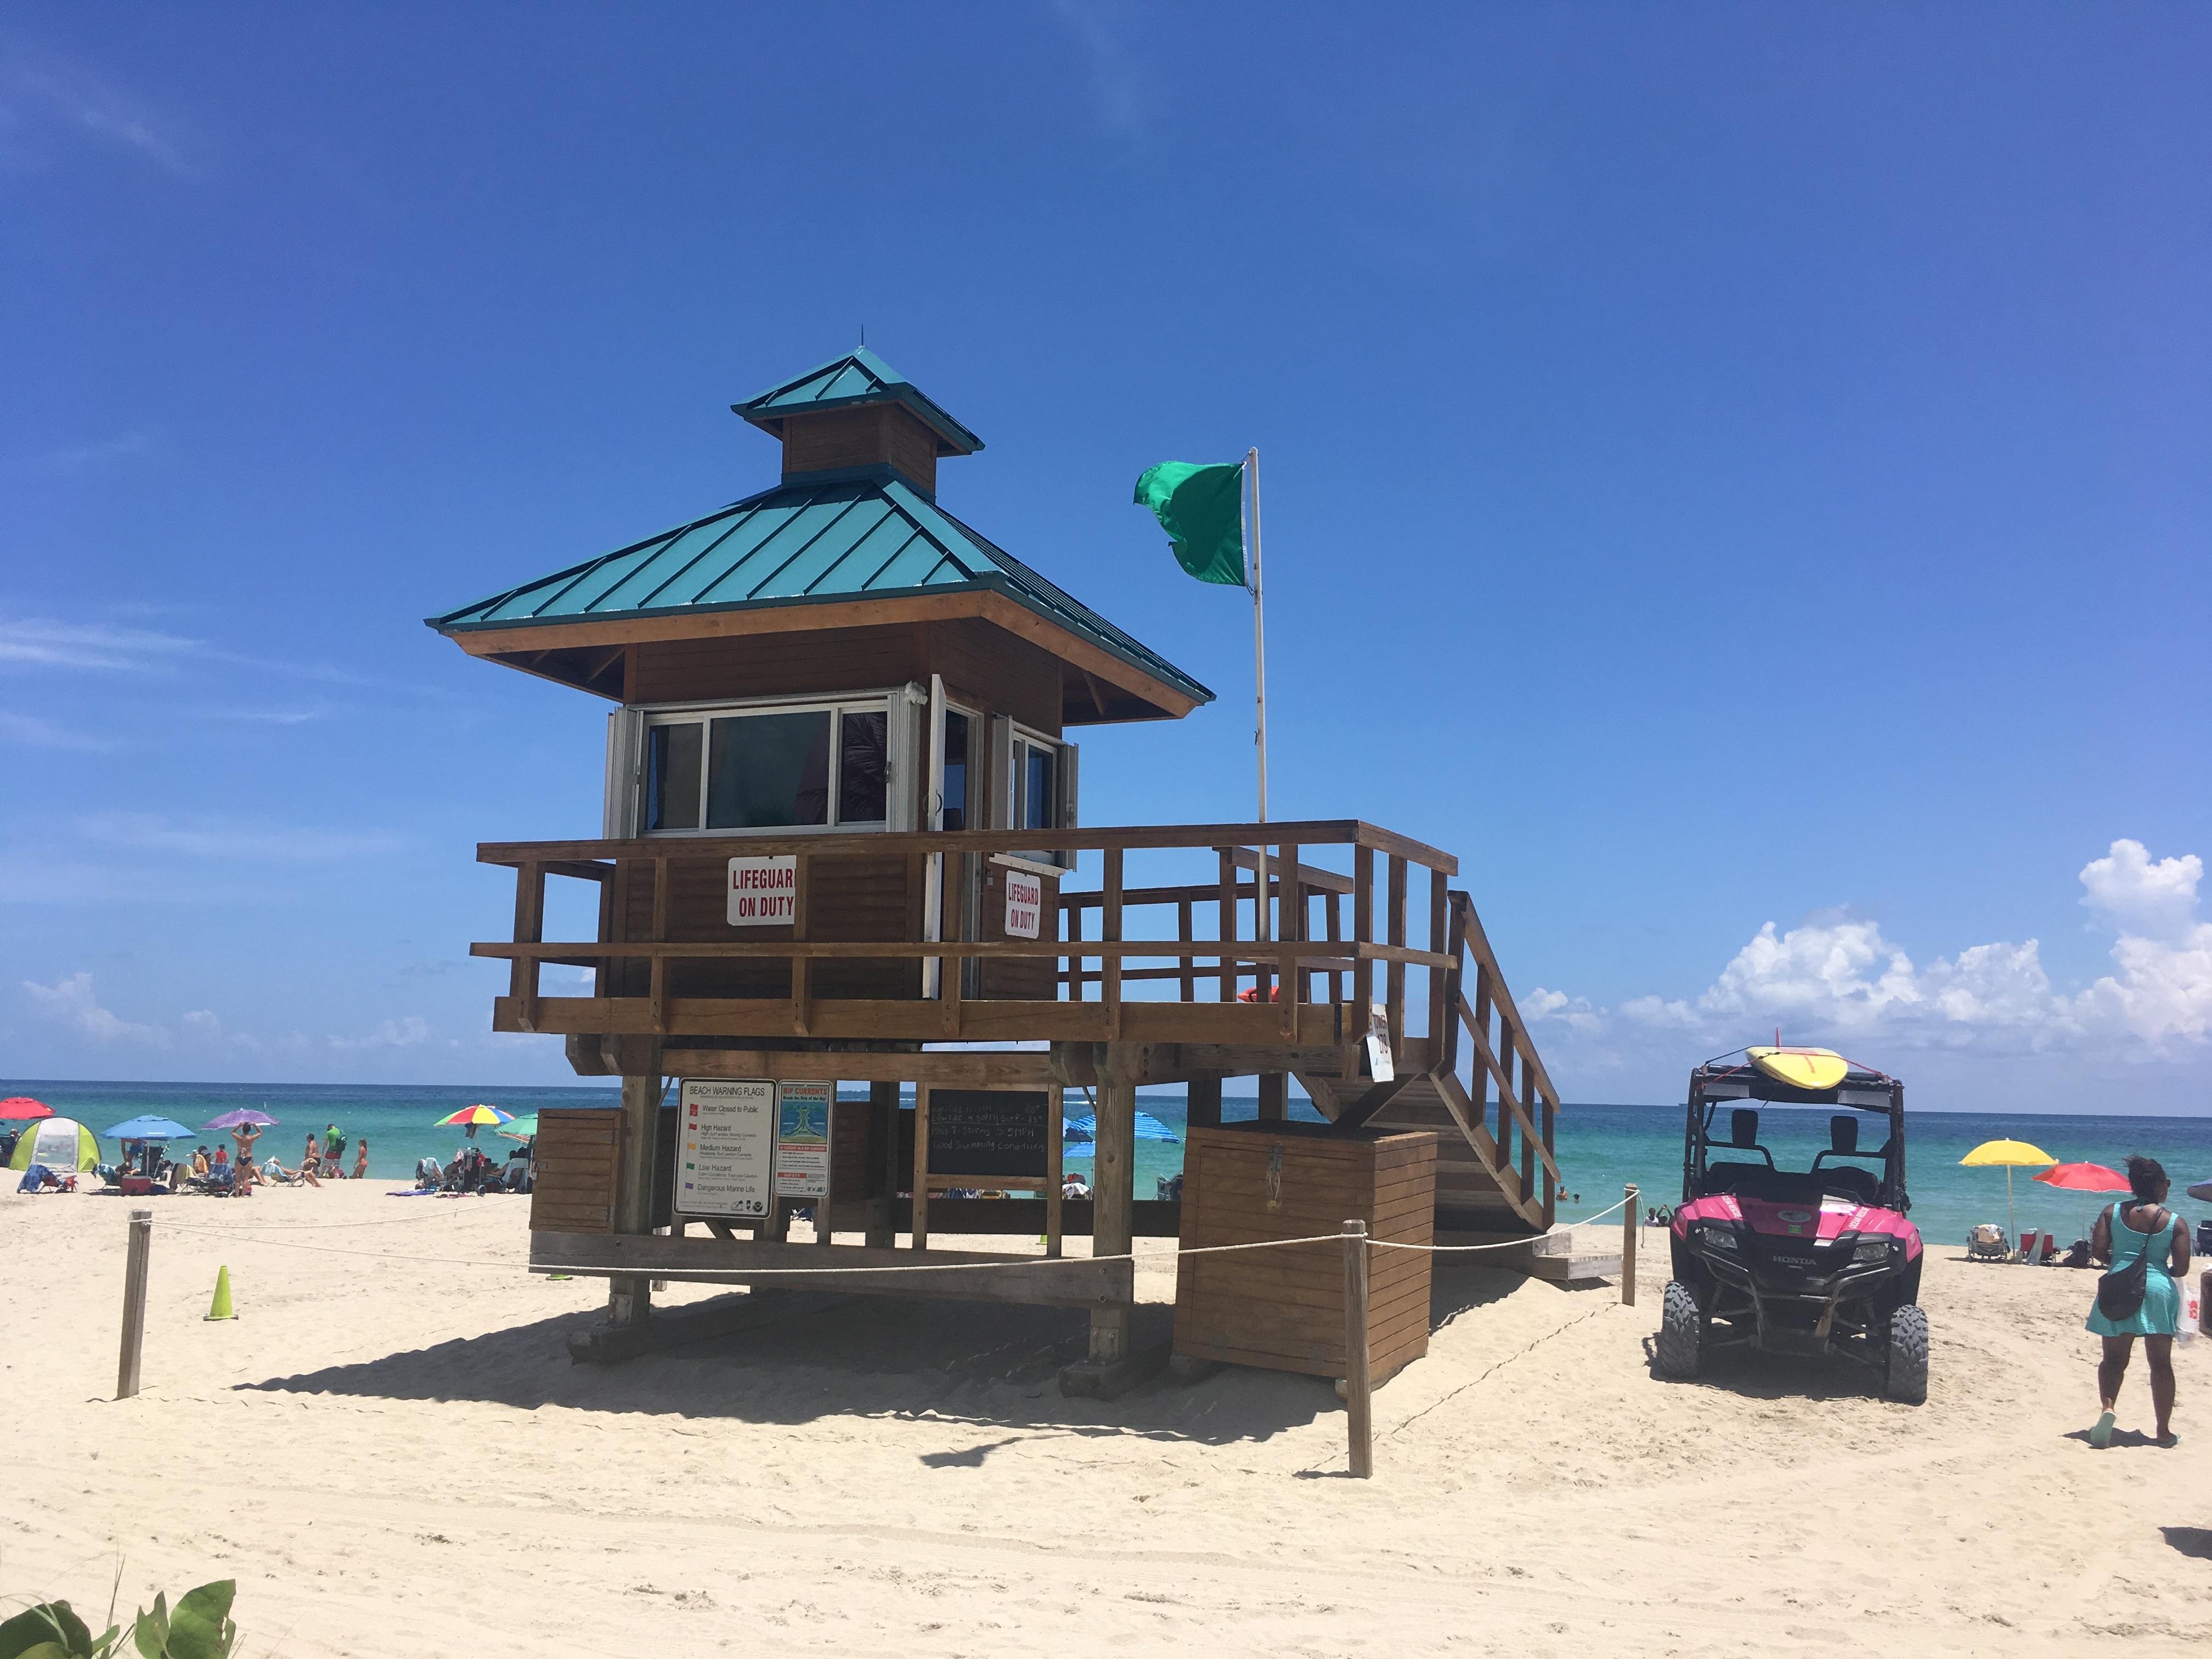 Флаги на пляже: зачем нужны и что означают